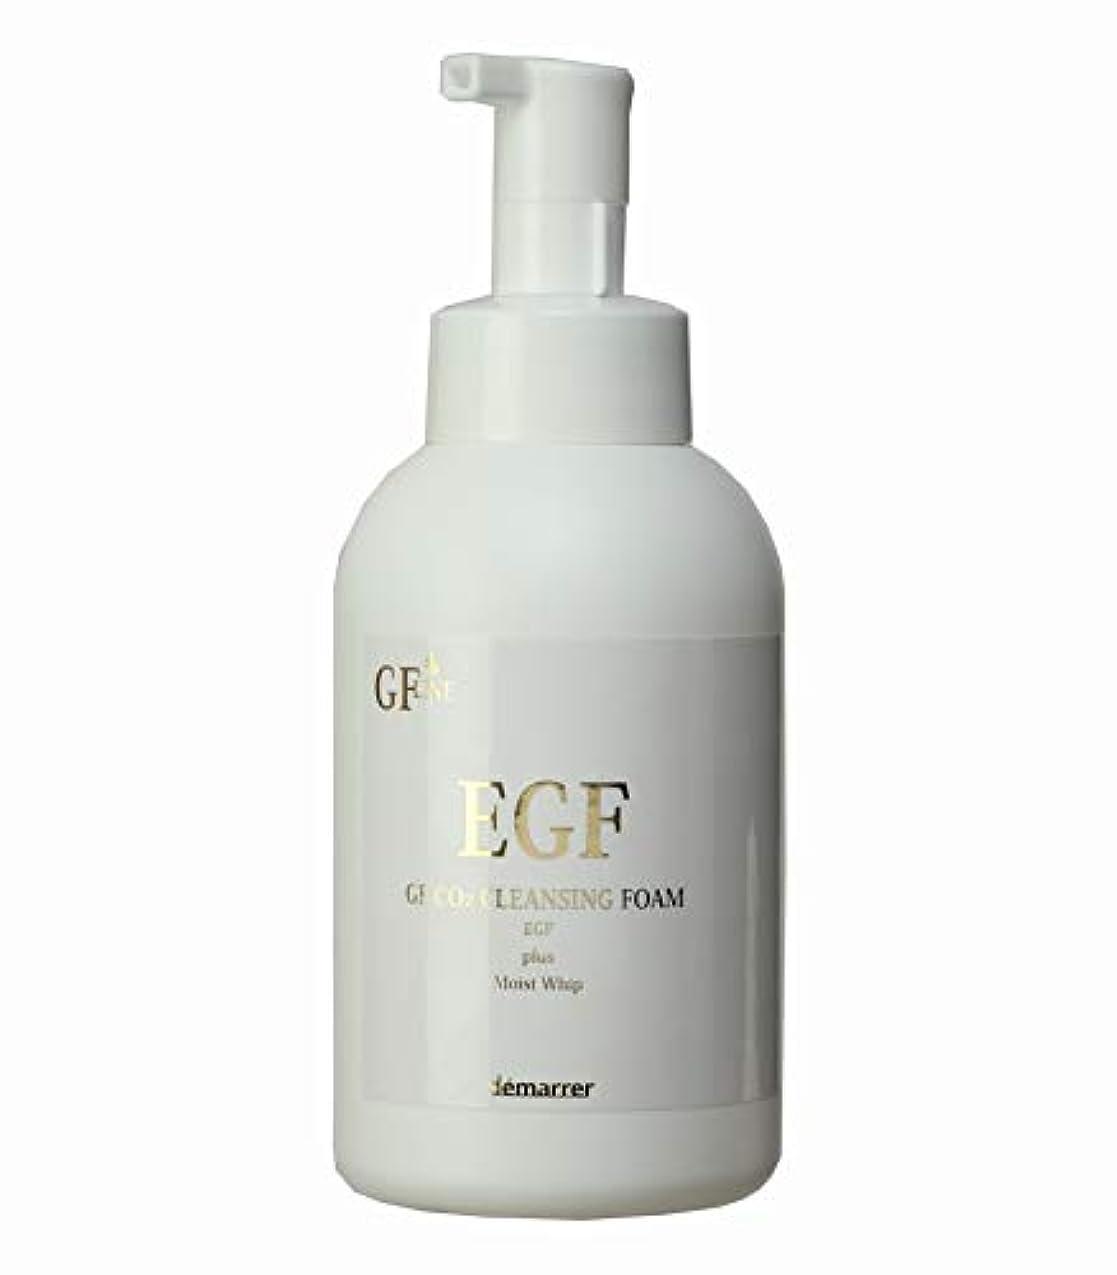 エキスパート針効能デマレ GF炭酸洗顔フォーム 500ml